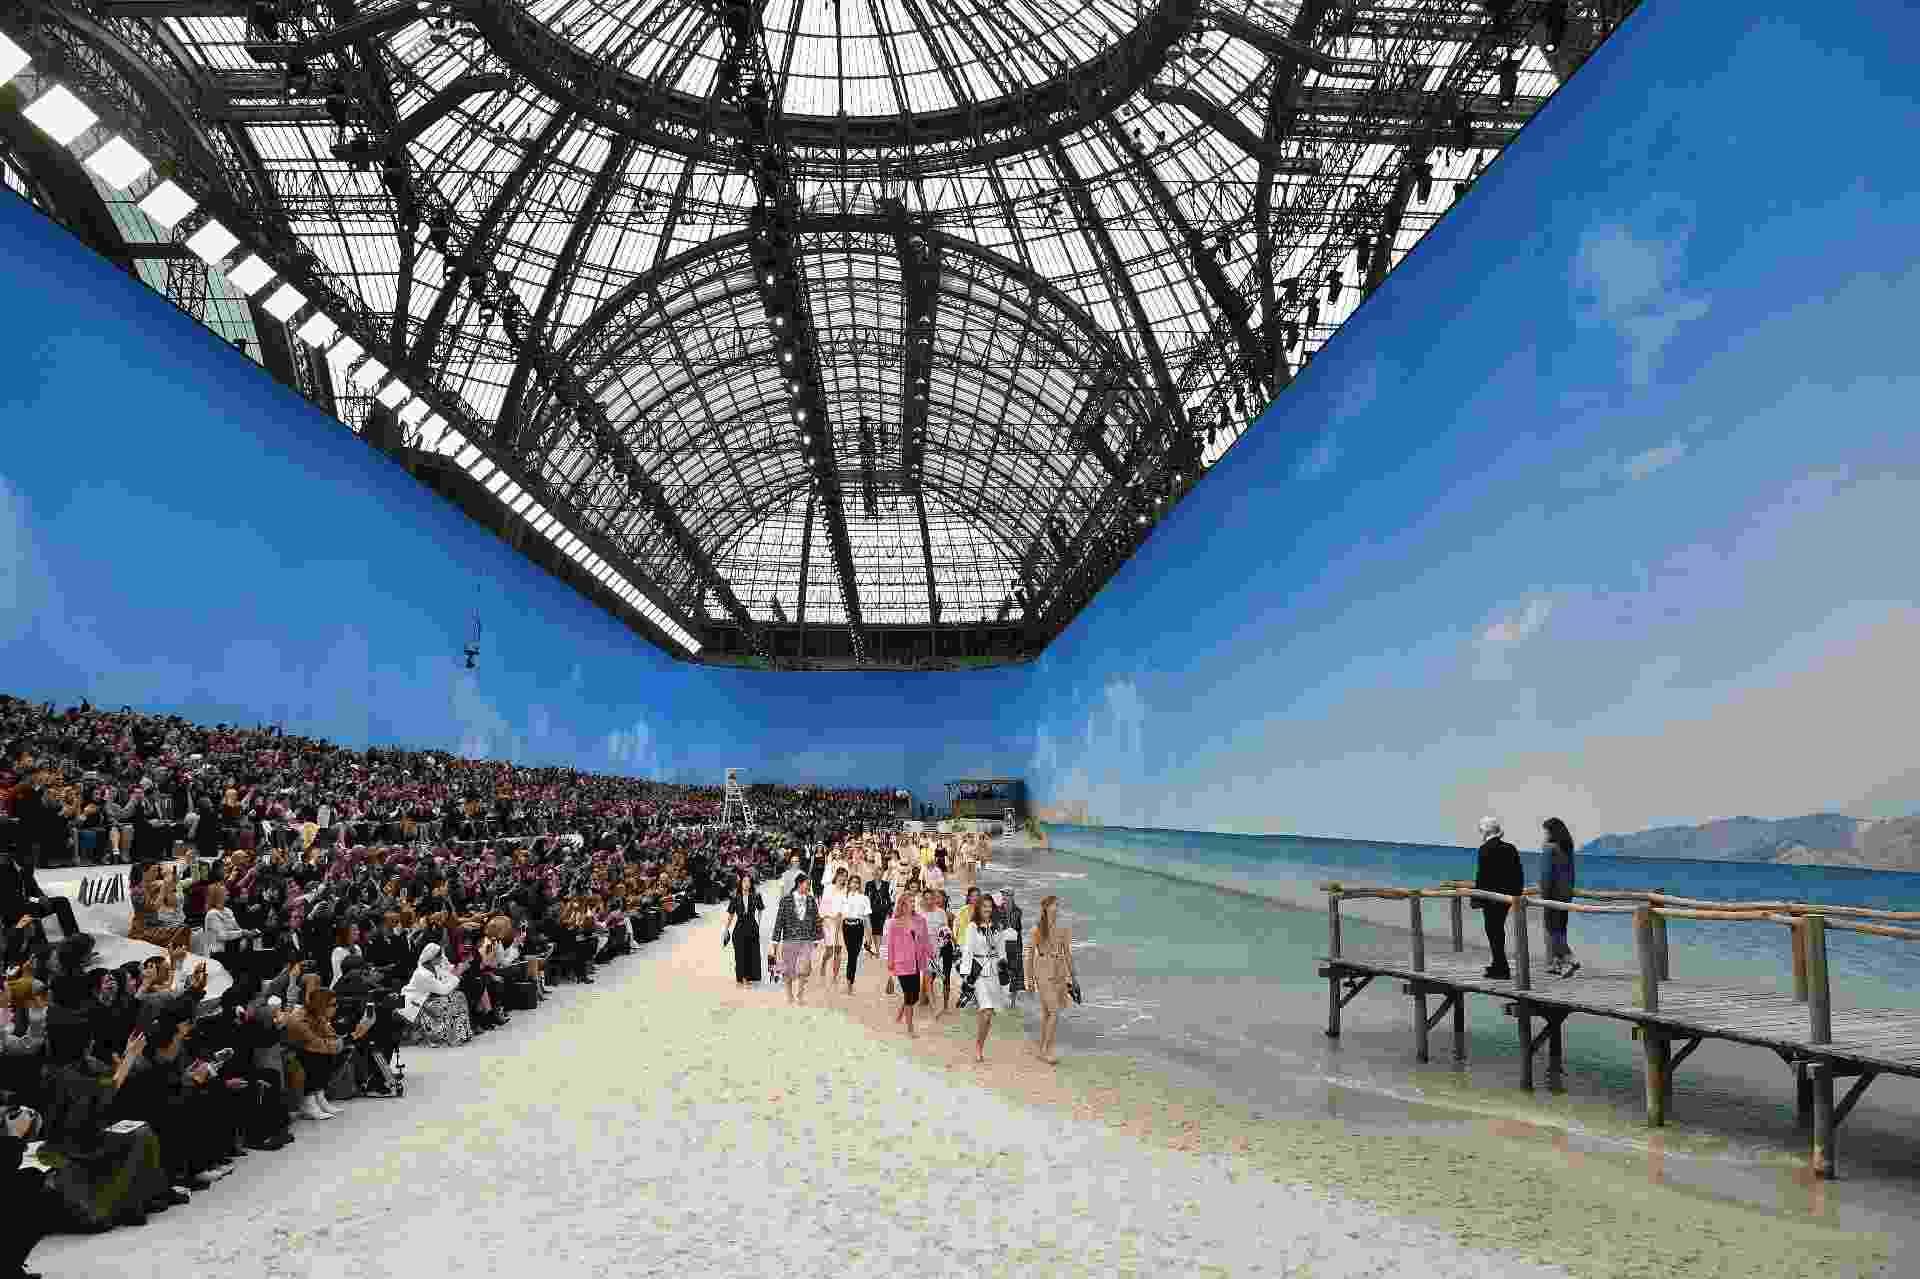 Desfile Chanel Semana de Moda de Paris Verão 2019 - Getty Images